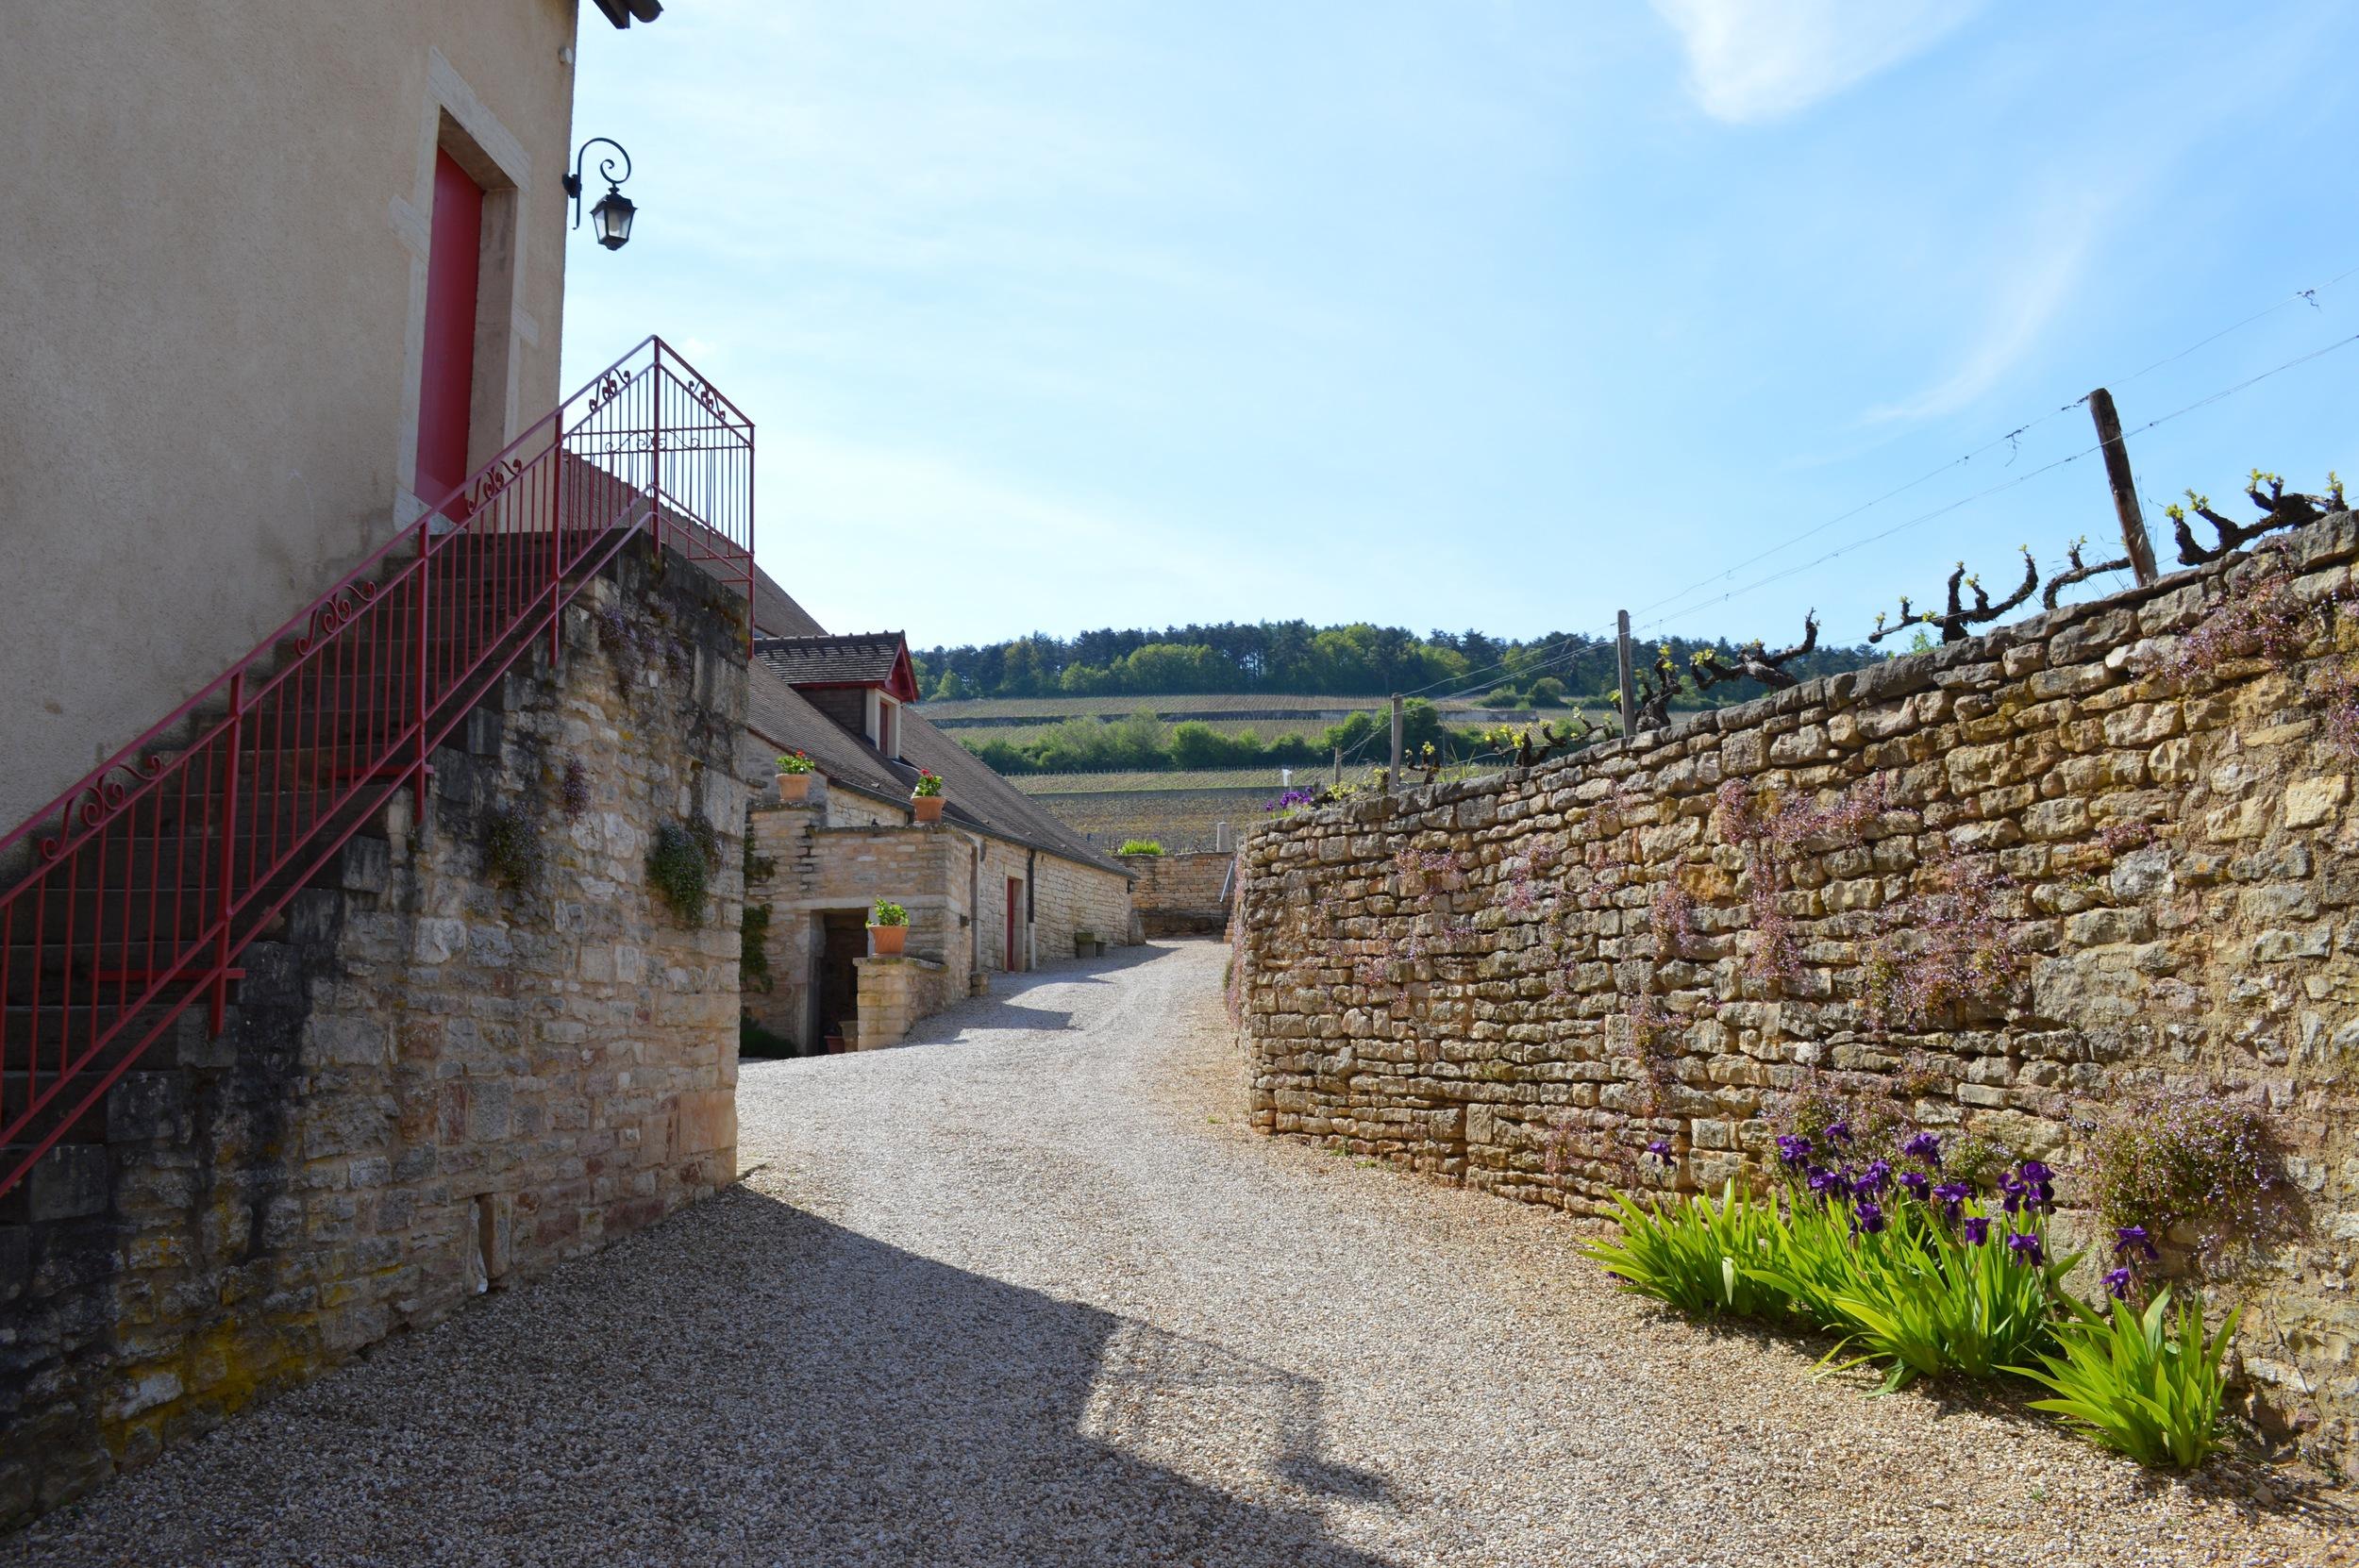 Clos de Tart courtyard